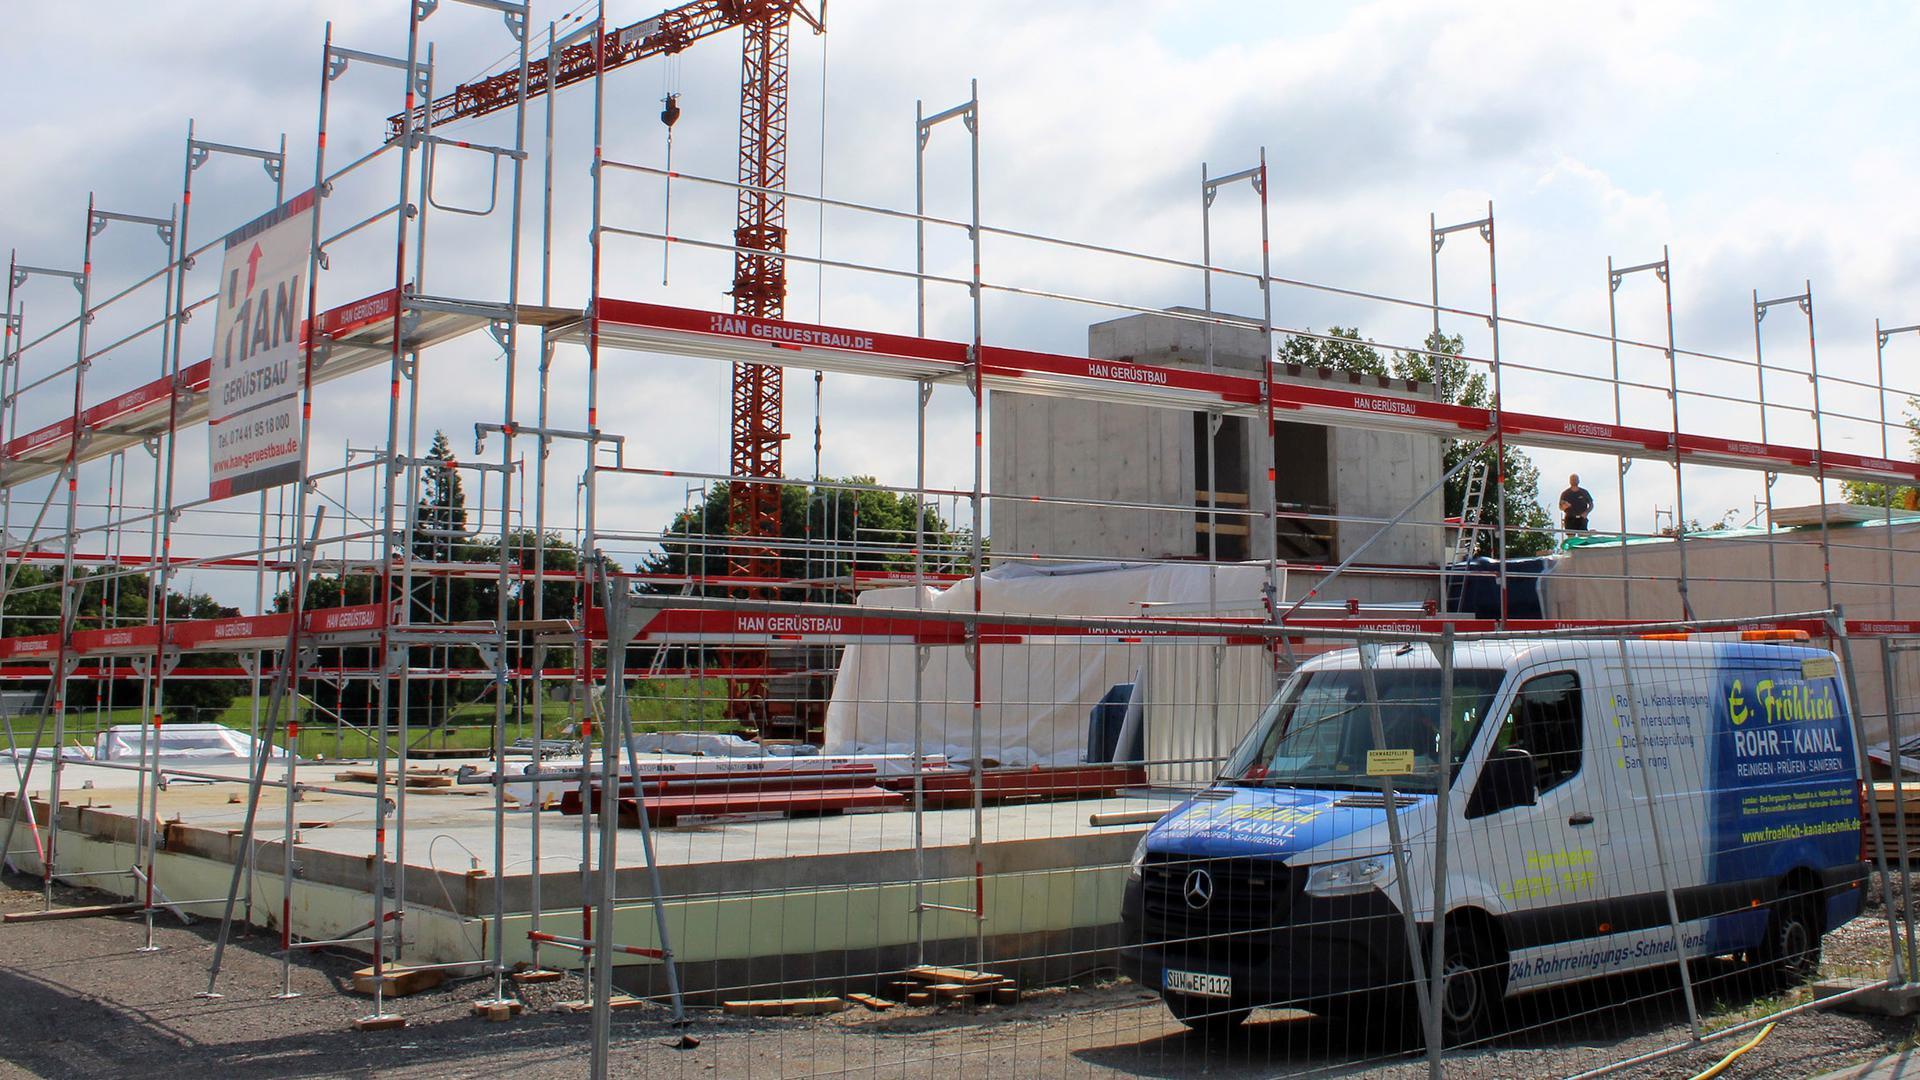 """Im Entstehen: In Rheinau-Nord wird derzeit ein zweiter Kindergarten (Rheinau Nord II) gebaut. Doch weder durch ihn noch durch die neue Kita in Plittersdorf erreicht die Stadt Rastatt die angestrebte """"Bedarfsdeckung""""."""